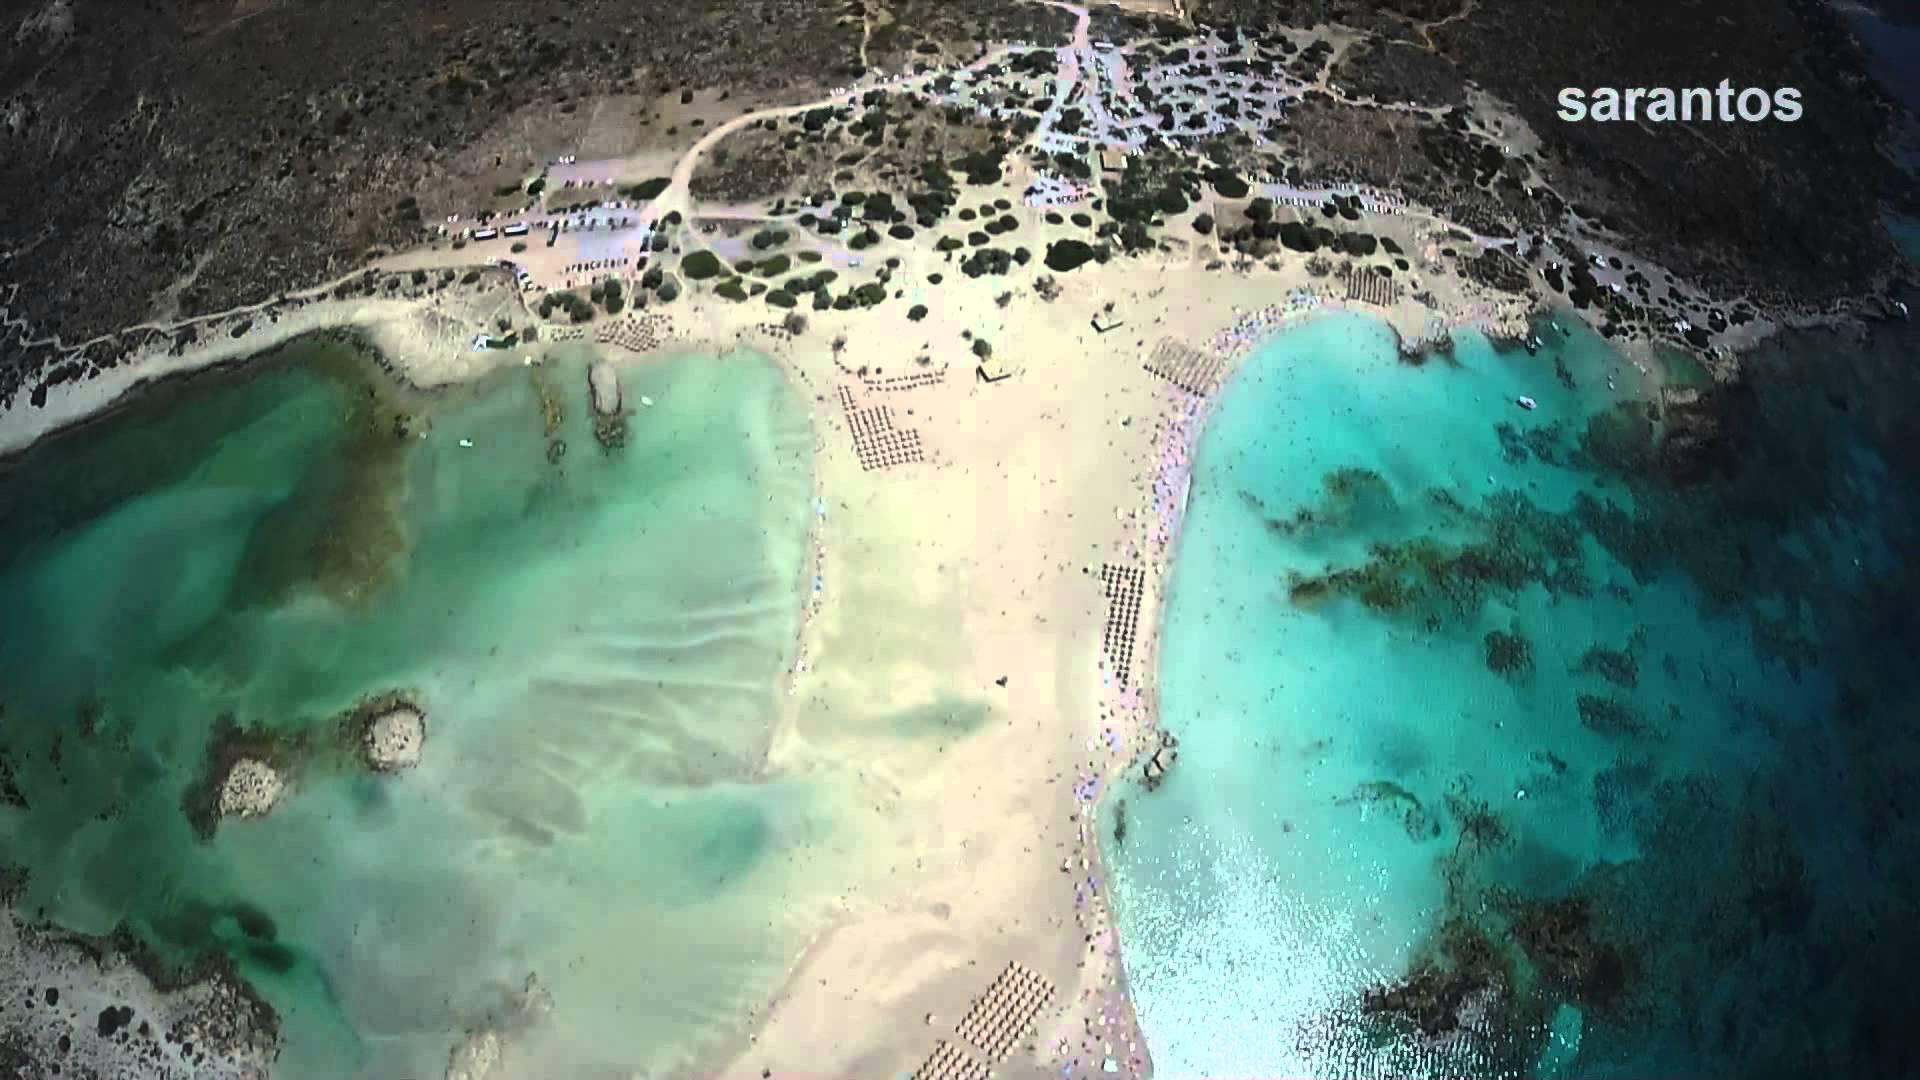 Μια από καλύτερες παραλίες του κόσμου:Το εξωτικό Ελαφονήσι στα Χανιά όπως δεν το έχετε ξαναδεί! (video)